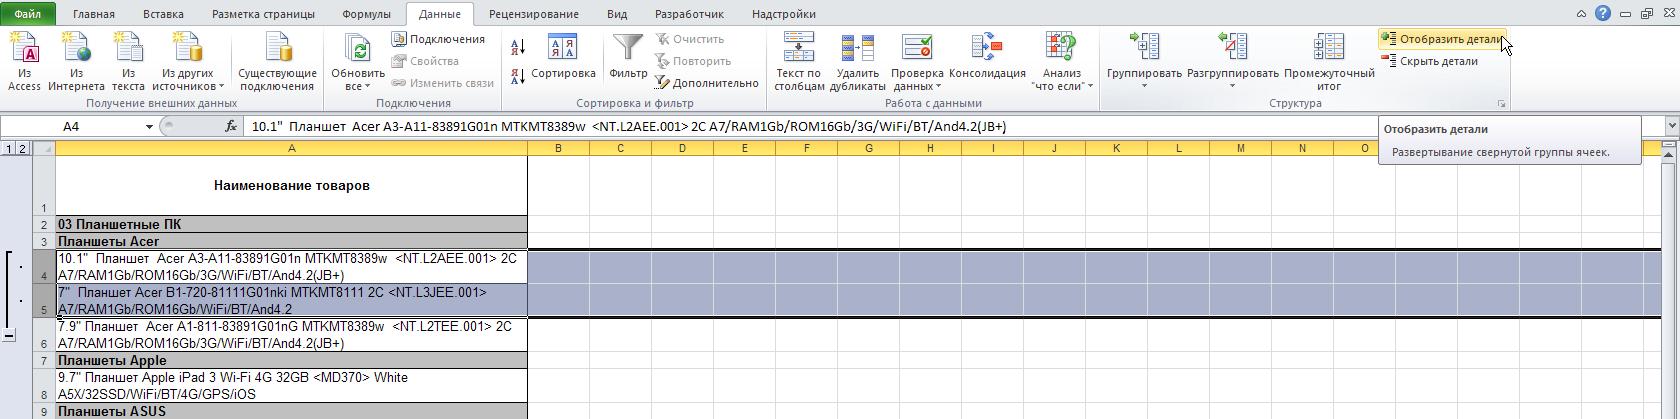 Excel: Лента - Данные - Структура - Отобразить детали